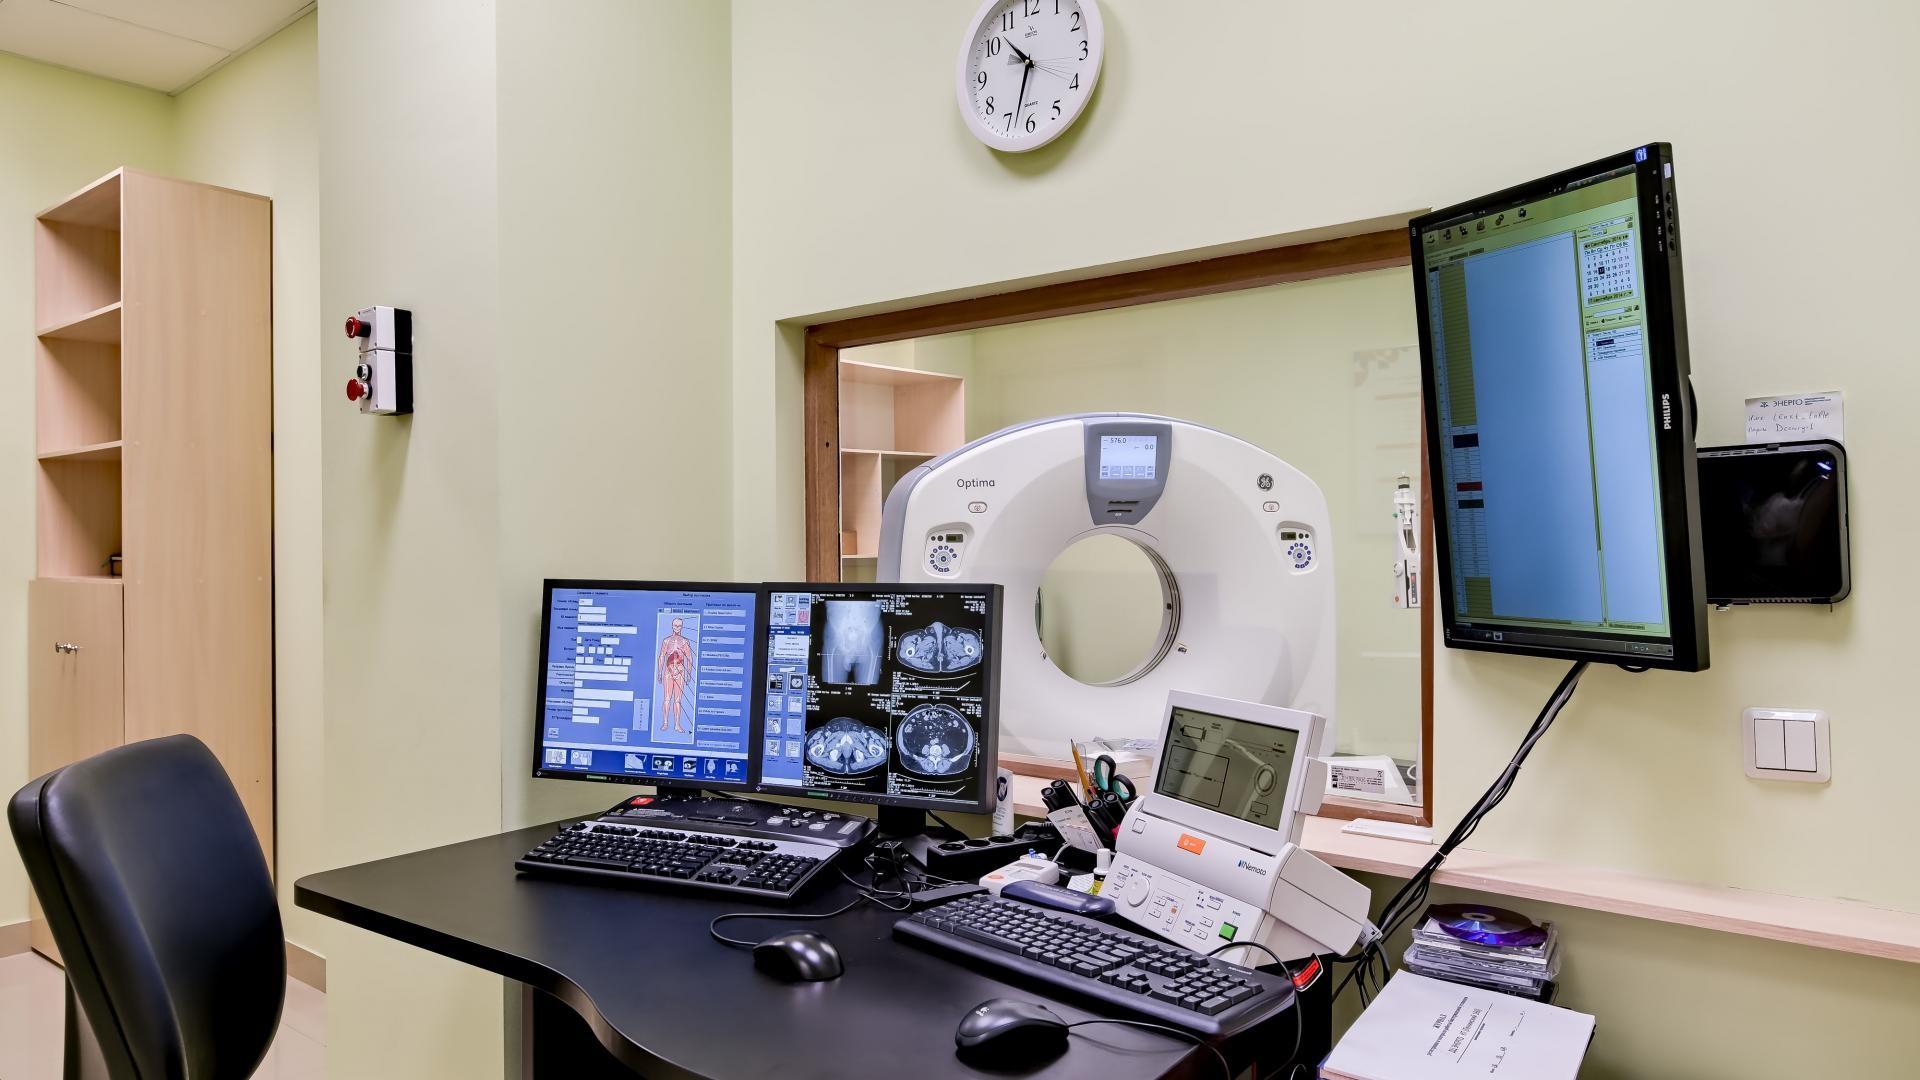 1-ый центр протонной терапии вПетербурге начал работу в пробном режиме